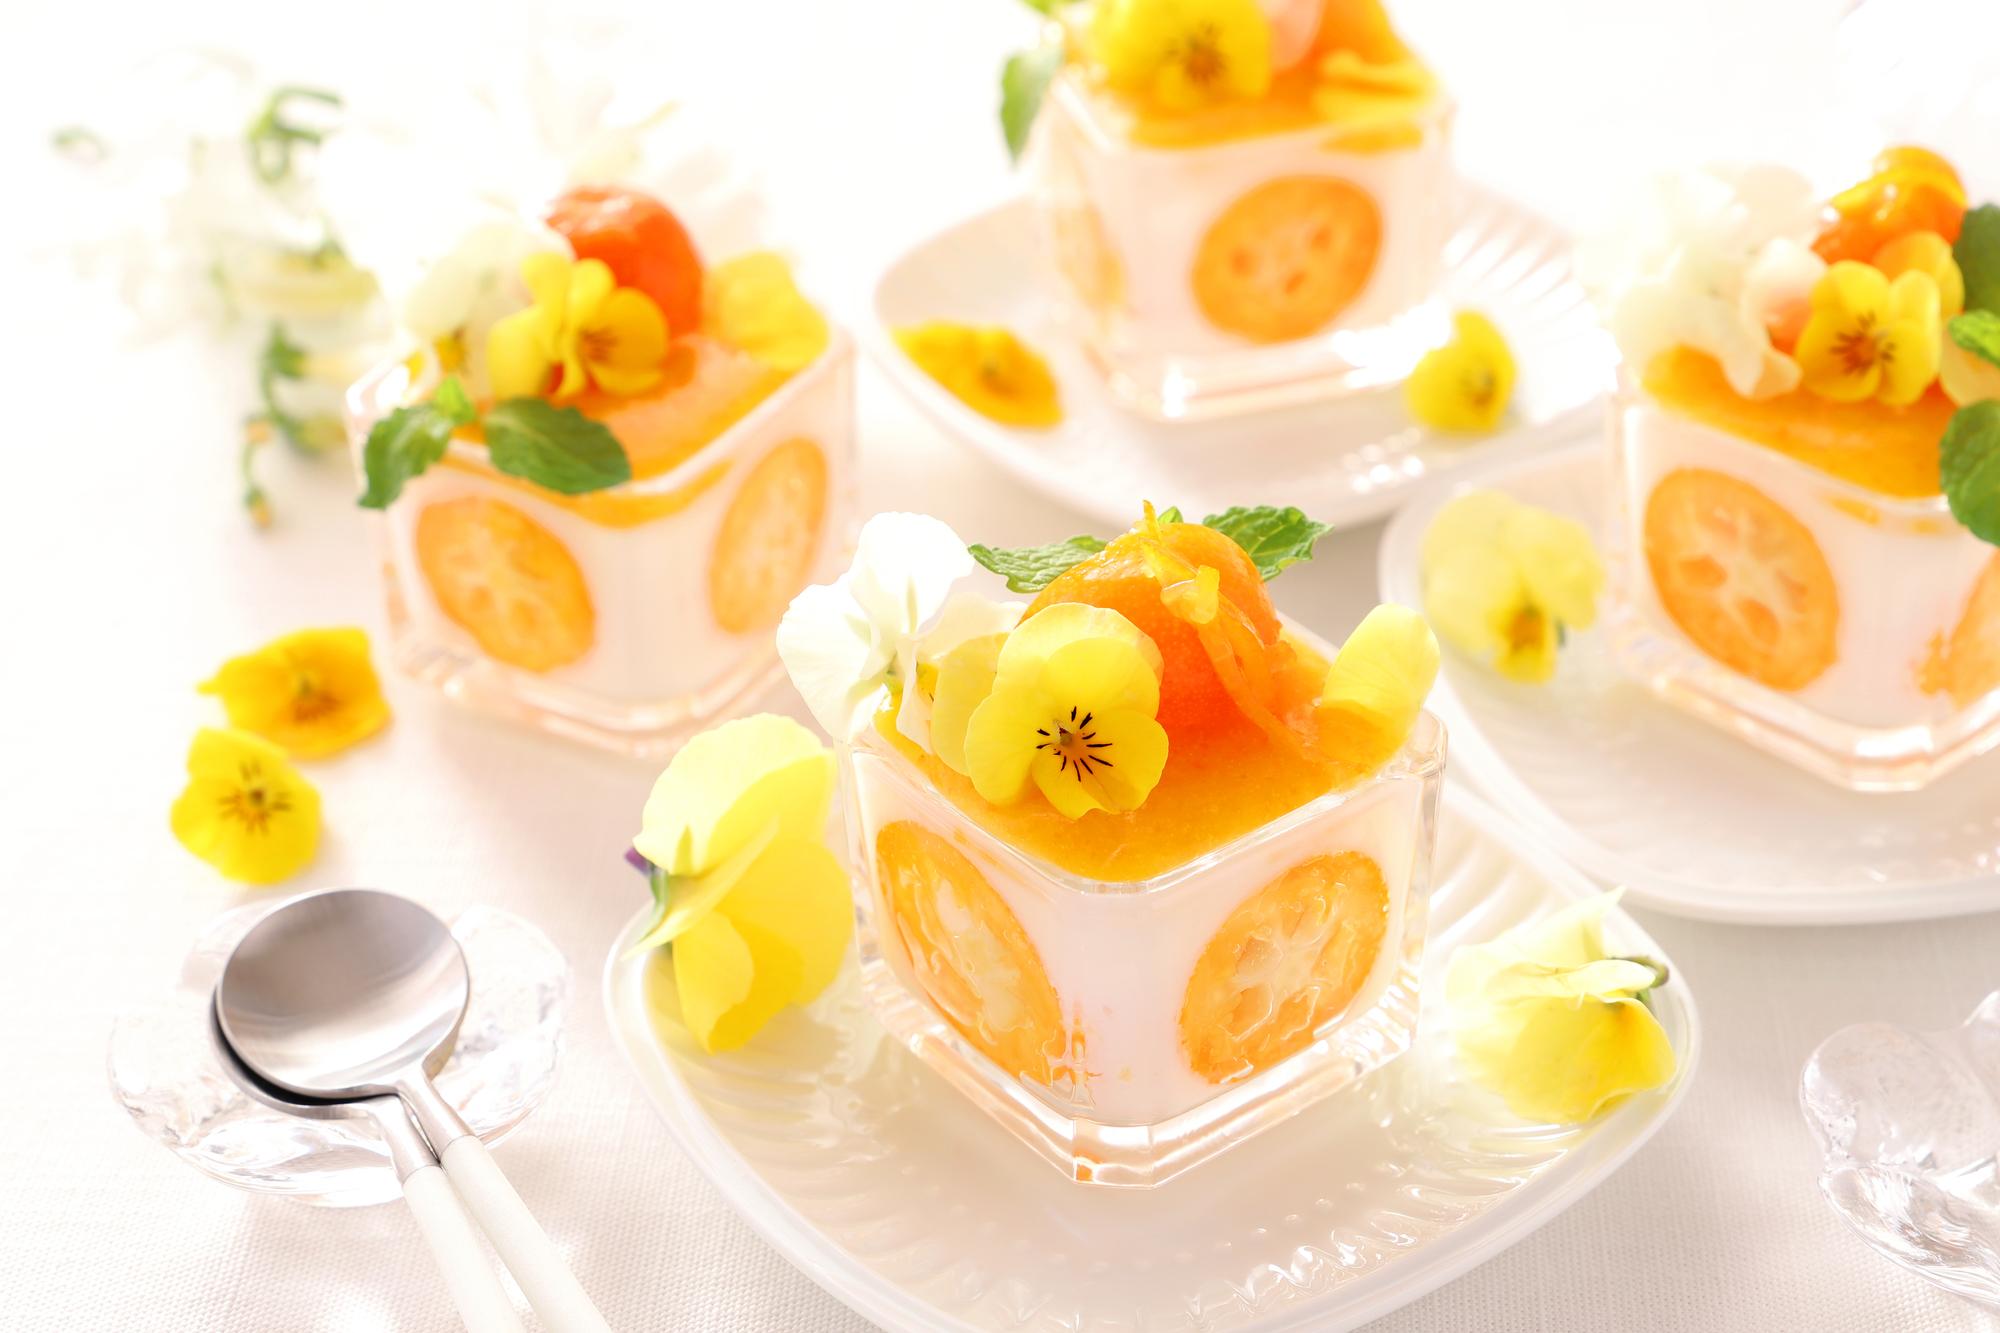 スイーツが可愛く変身!食べられるお花、エディブルフラワー